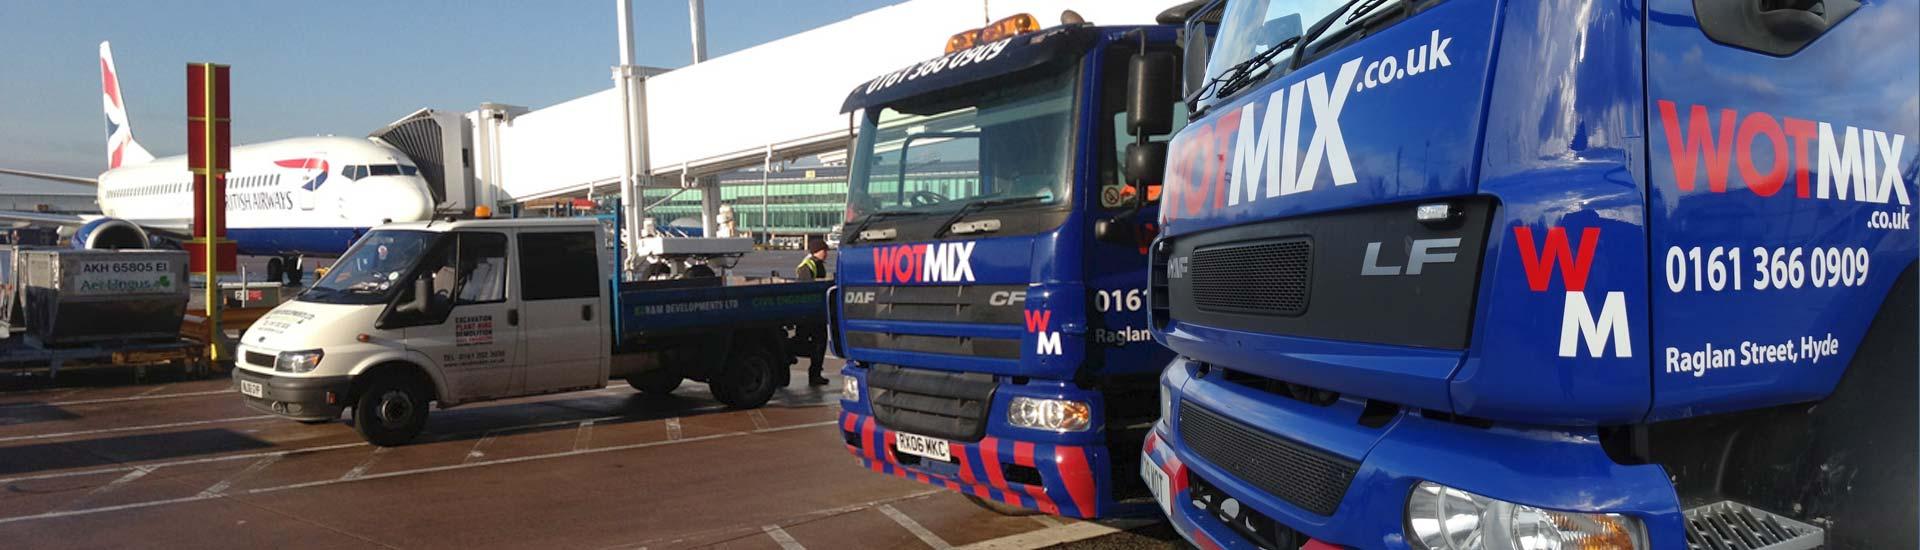 Wotmix Manchester Airport